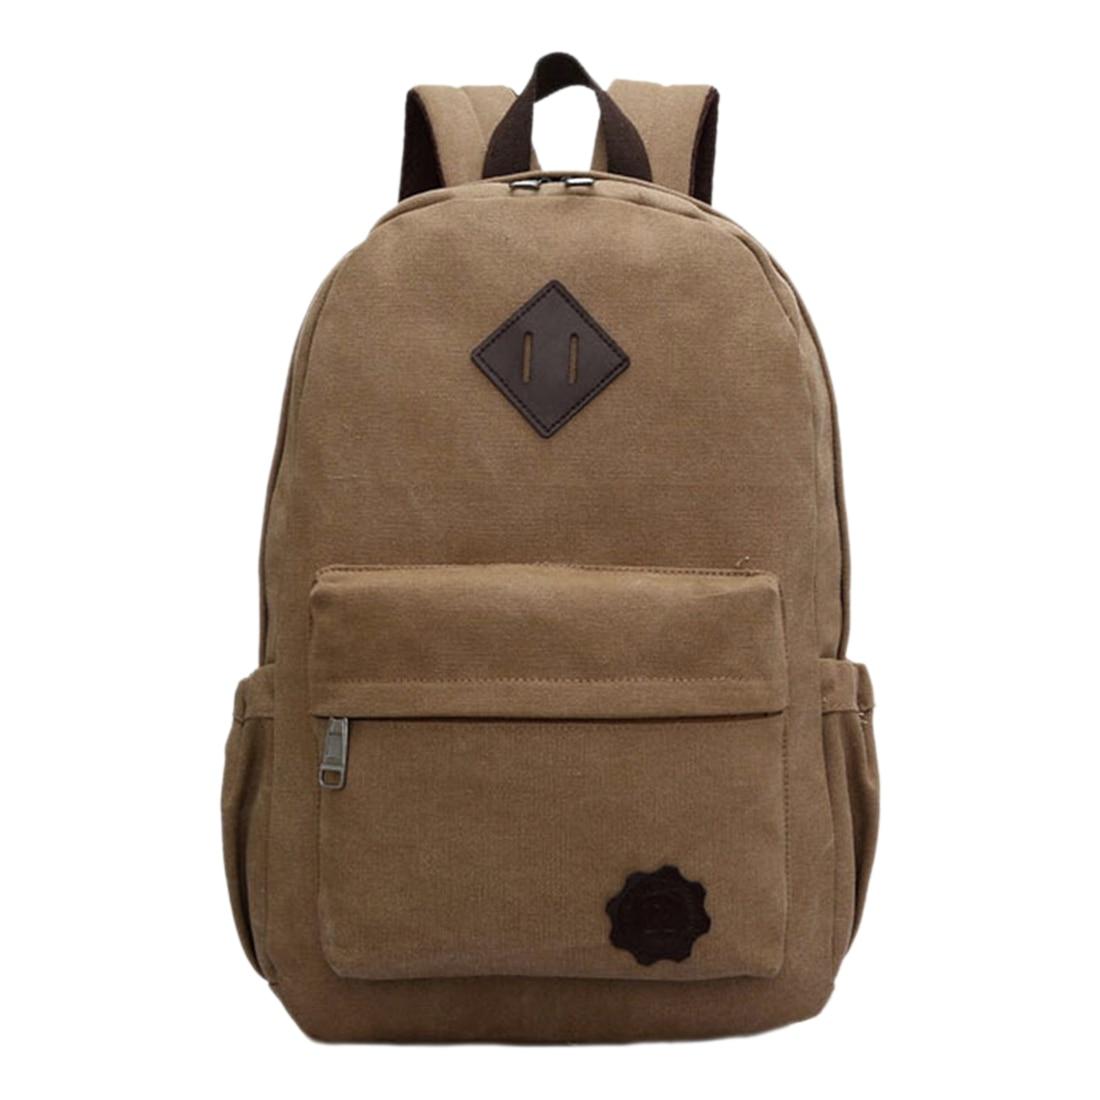 Vintage Men Canvas Backpack Fashion School Bag Casual Travel Rucksack Shoulder Bag game pokemon go pocket monste pikachu charizard backpack canvas print men women backpack bag travel bag rucksack